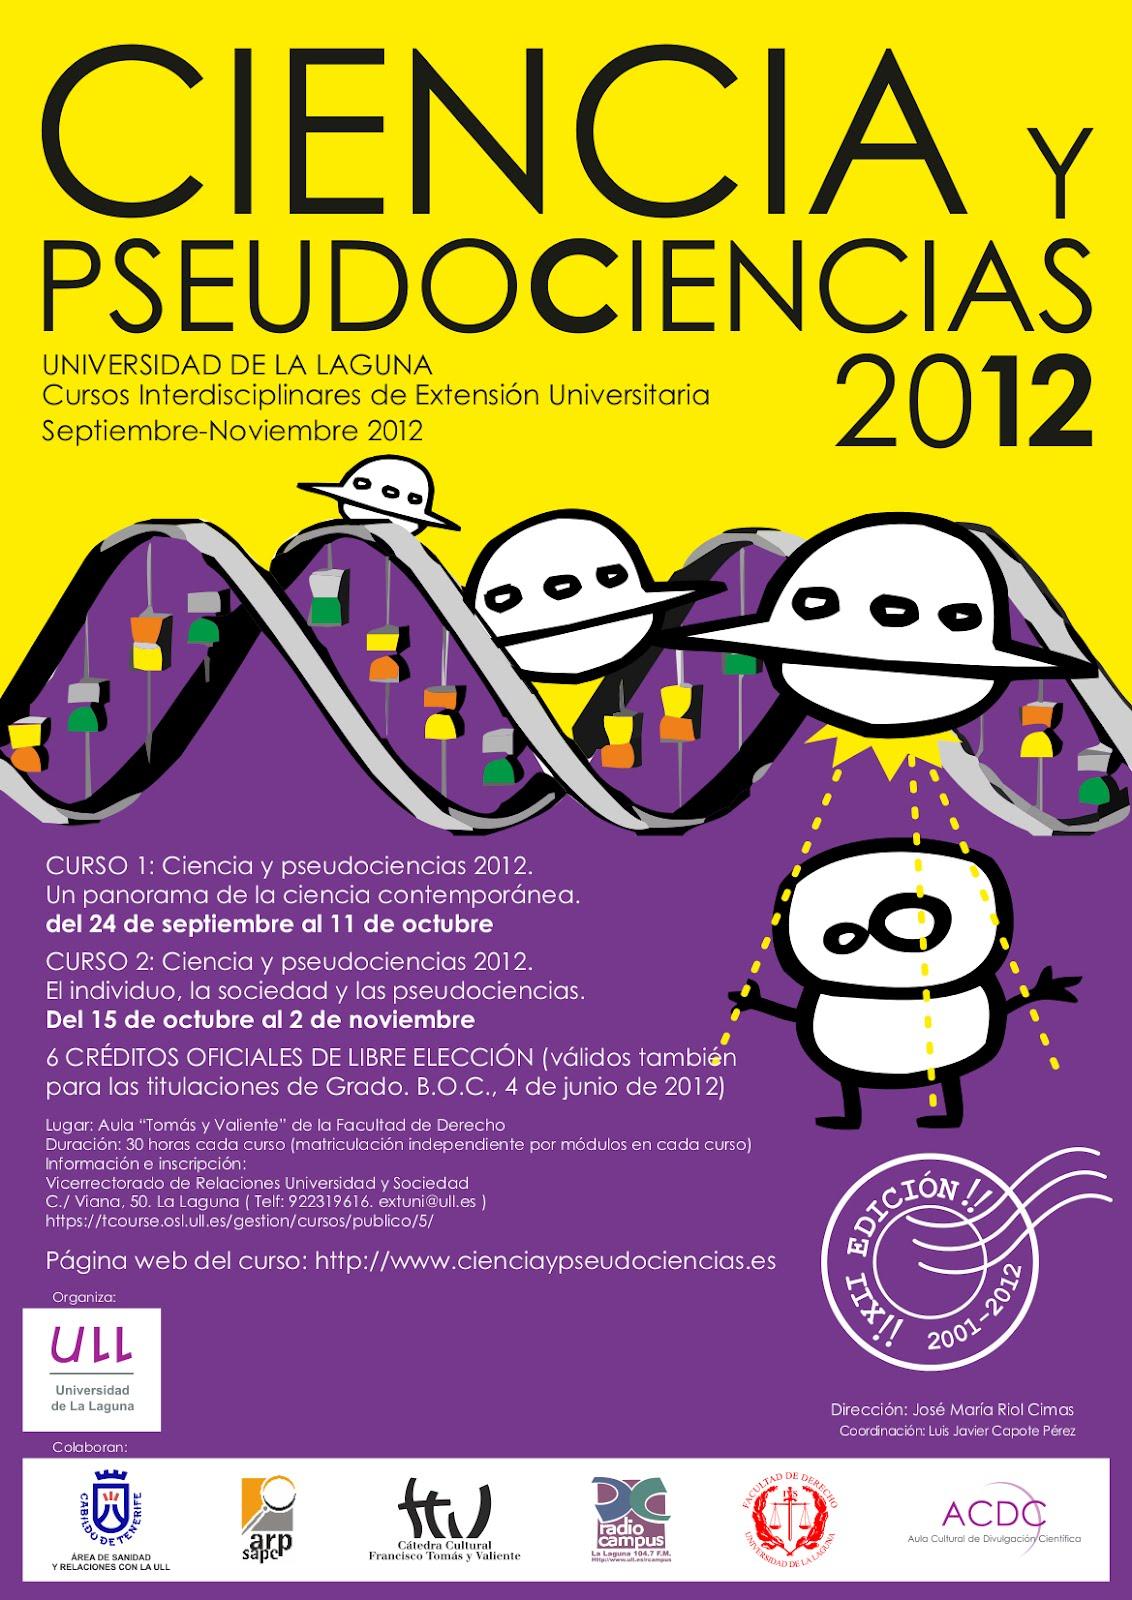 Cartel de ciencia y pseudociencias